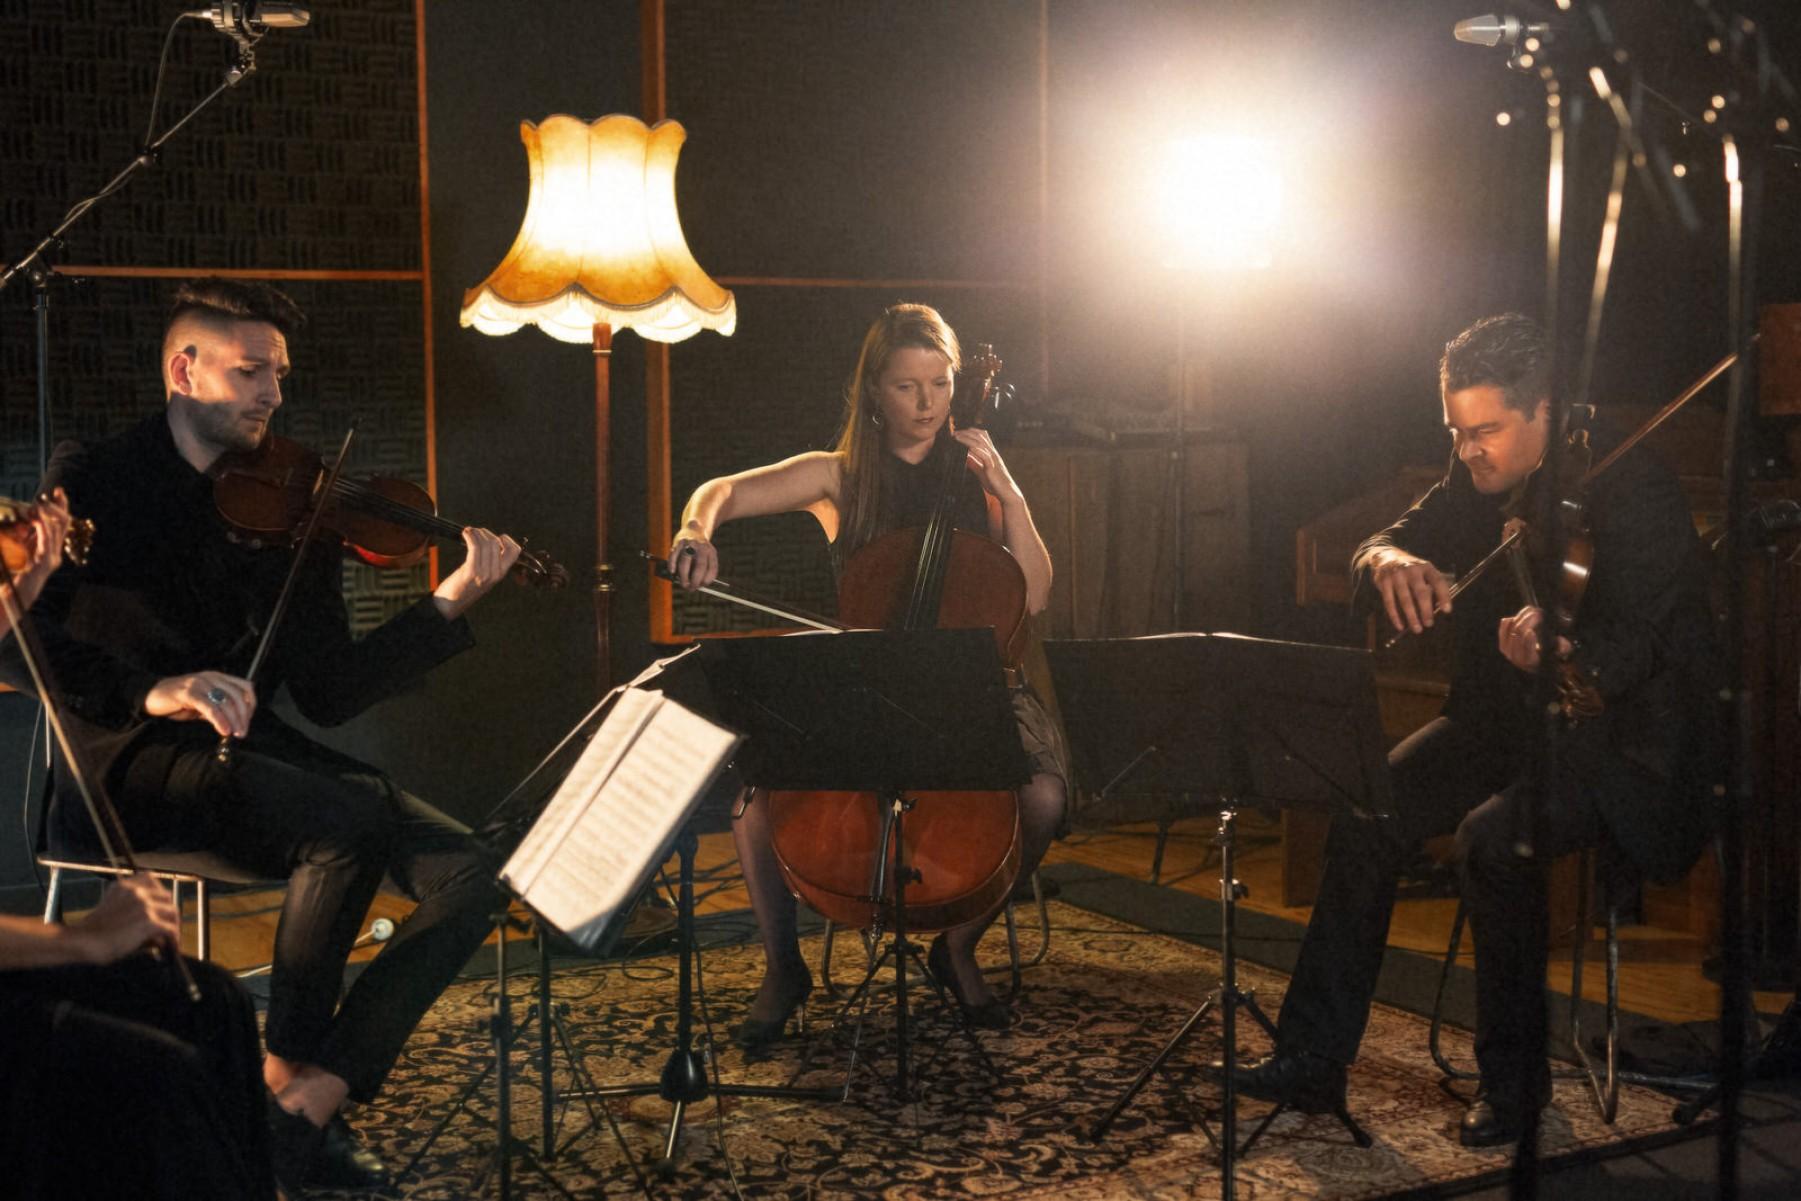 String Quartet Wedding.How To Book A String Quartet For Your Wedding